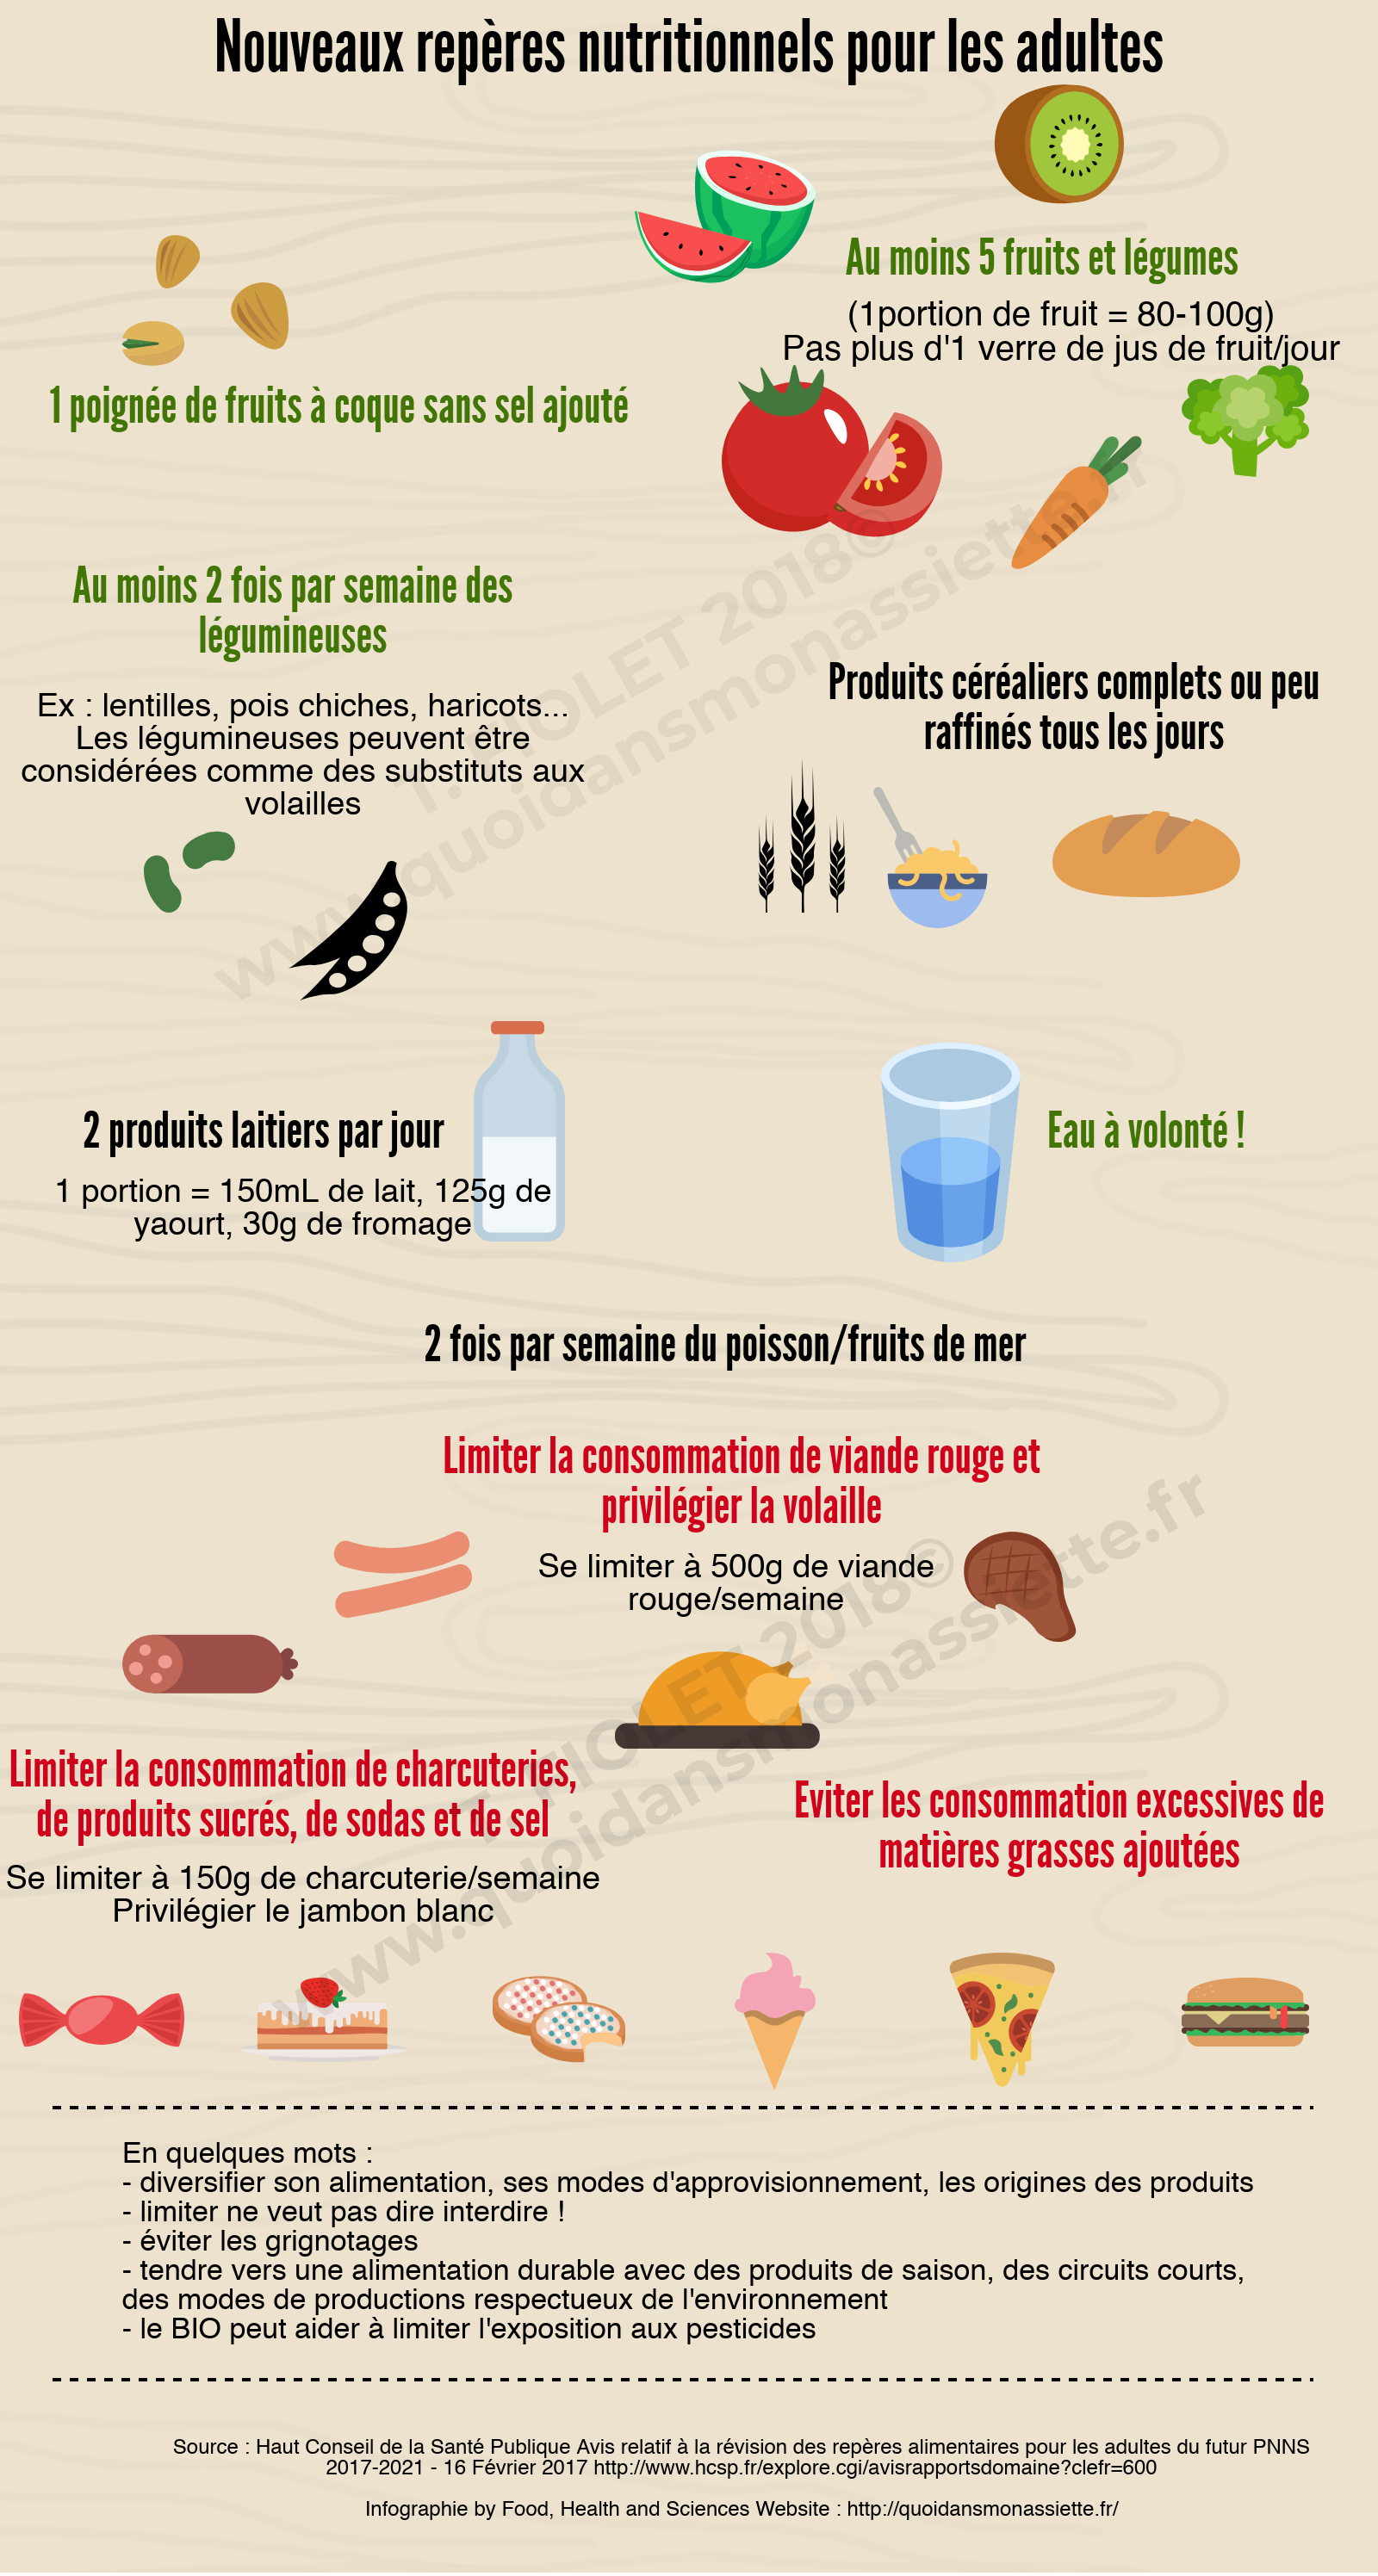 Recommandations, infographie [Quoi dans mon assiette](https://quoidansmonassiette.fr/pnns-2017-2021-revision-des-reperes-nutritionnels-pour-les-adultes/).